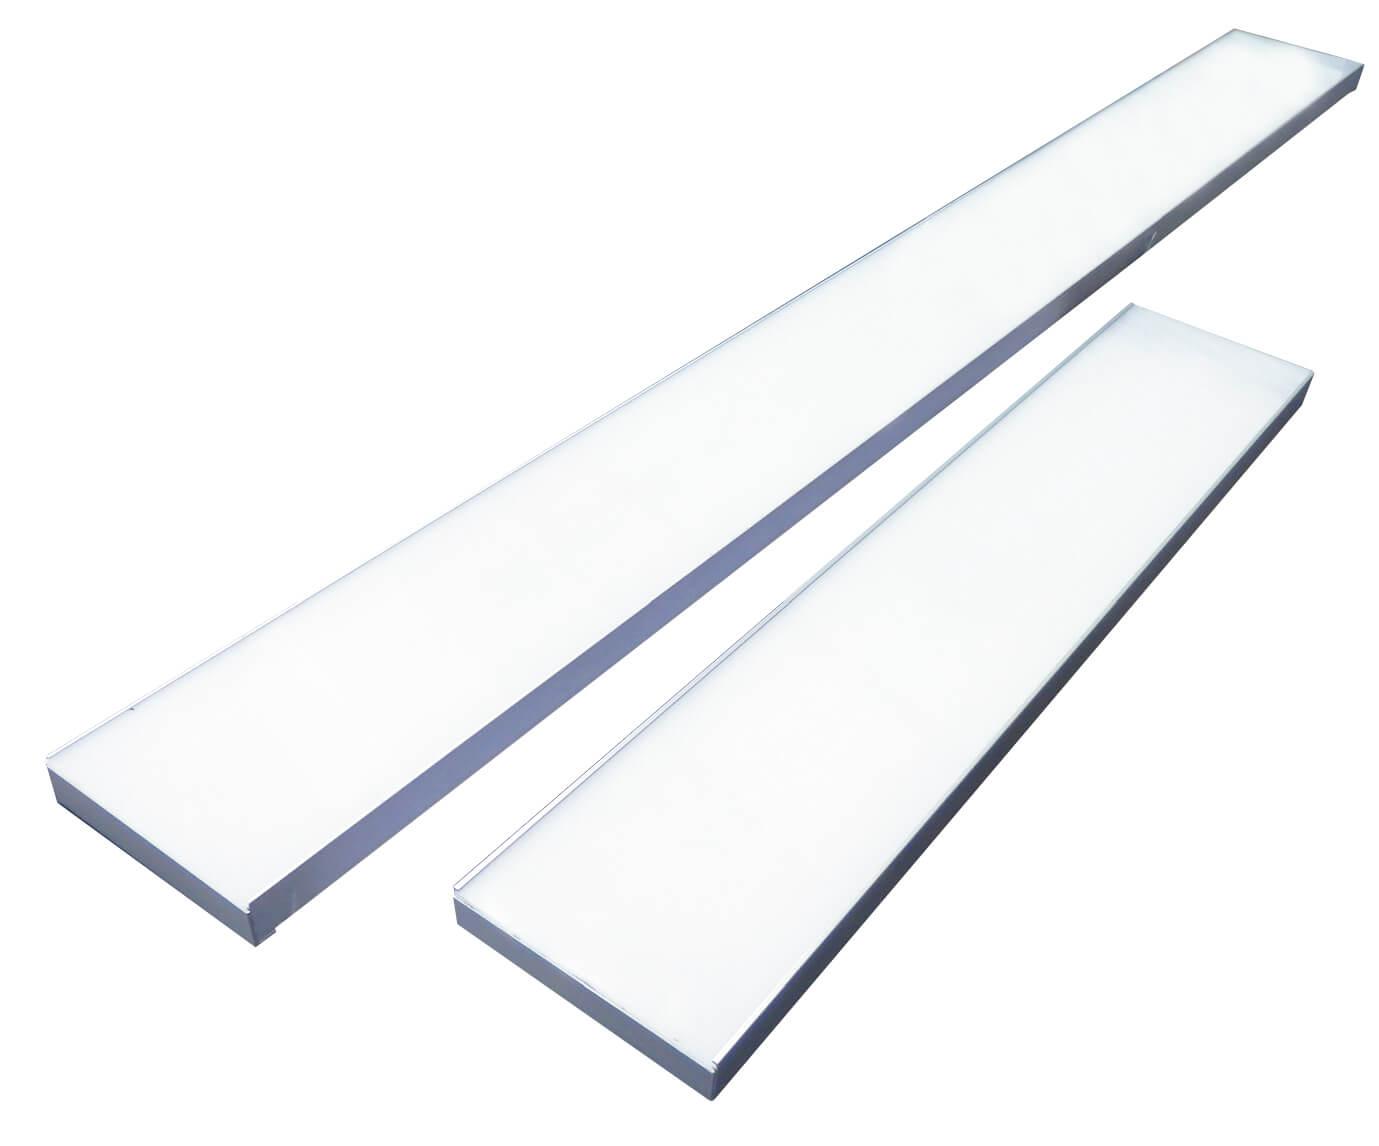 LEDライト ワイドラインの写真